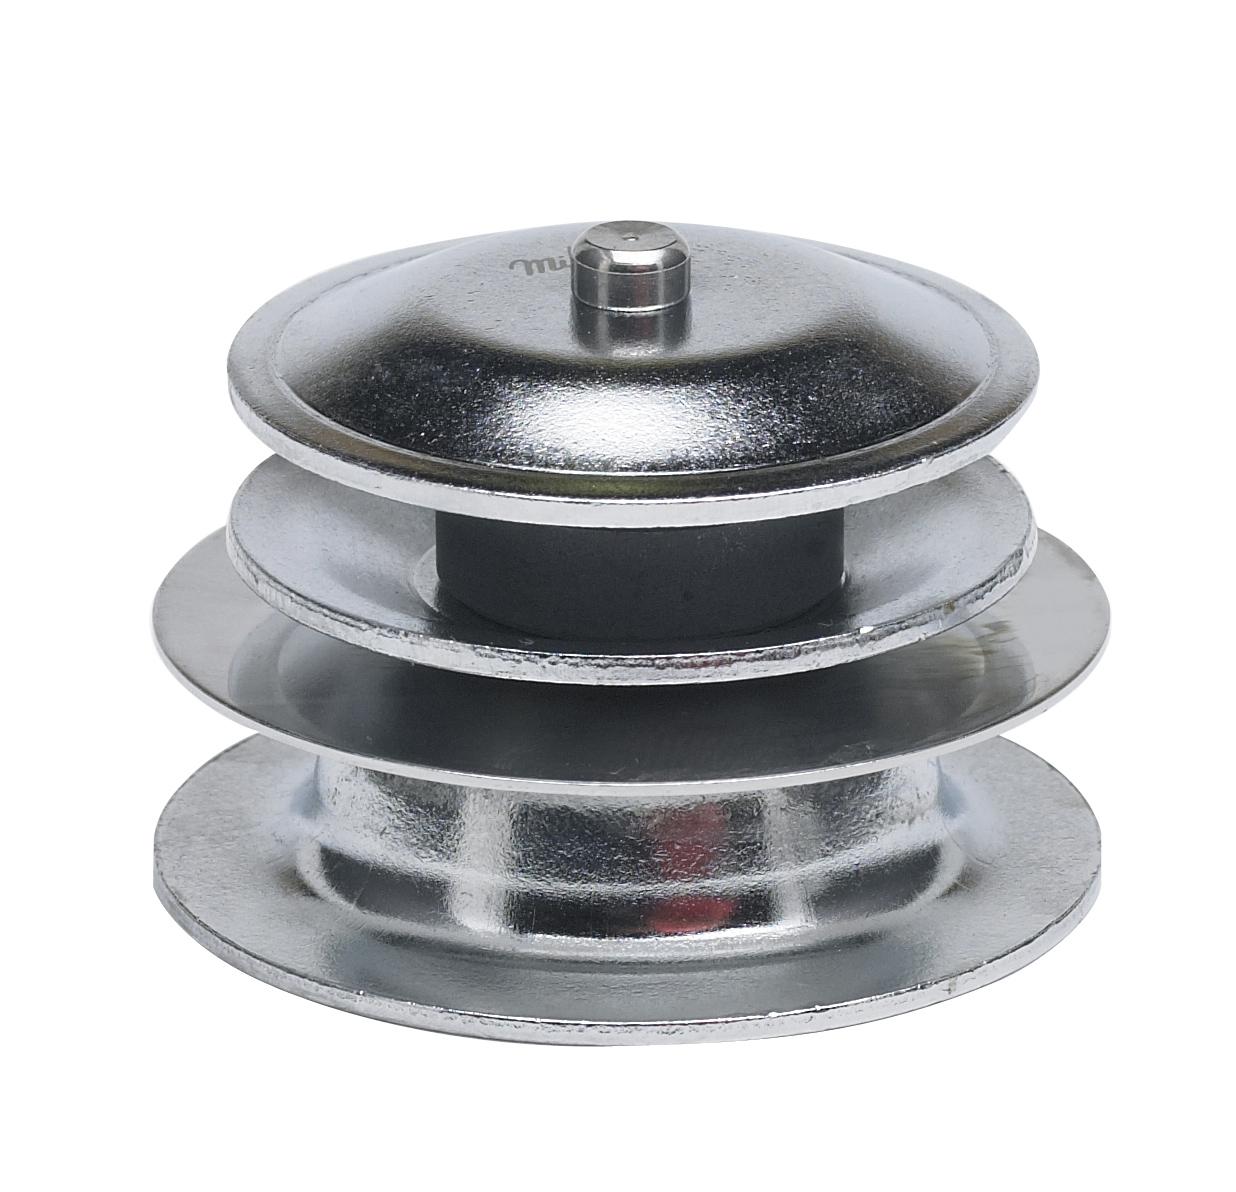 magnetic-bur-holder-013-33810-miltex.jpg